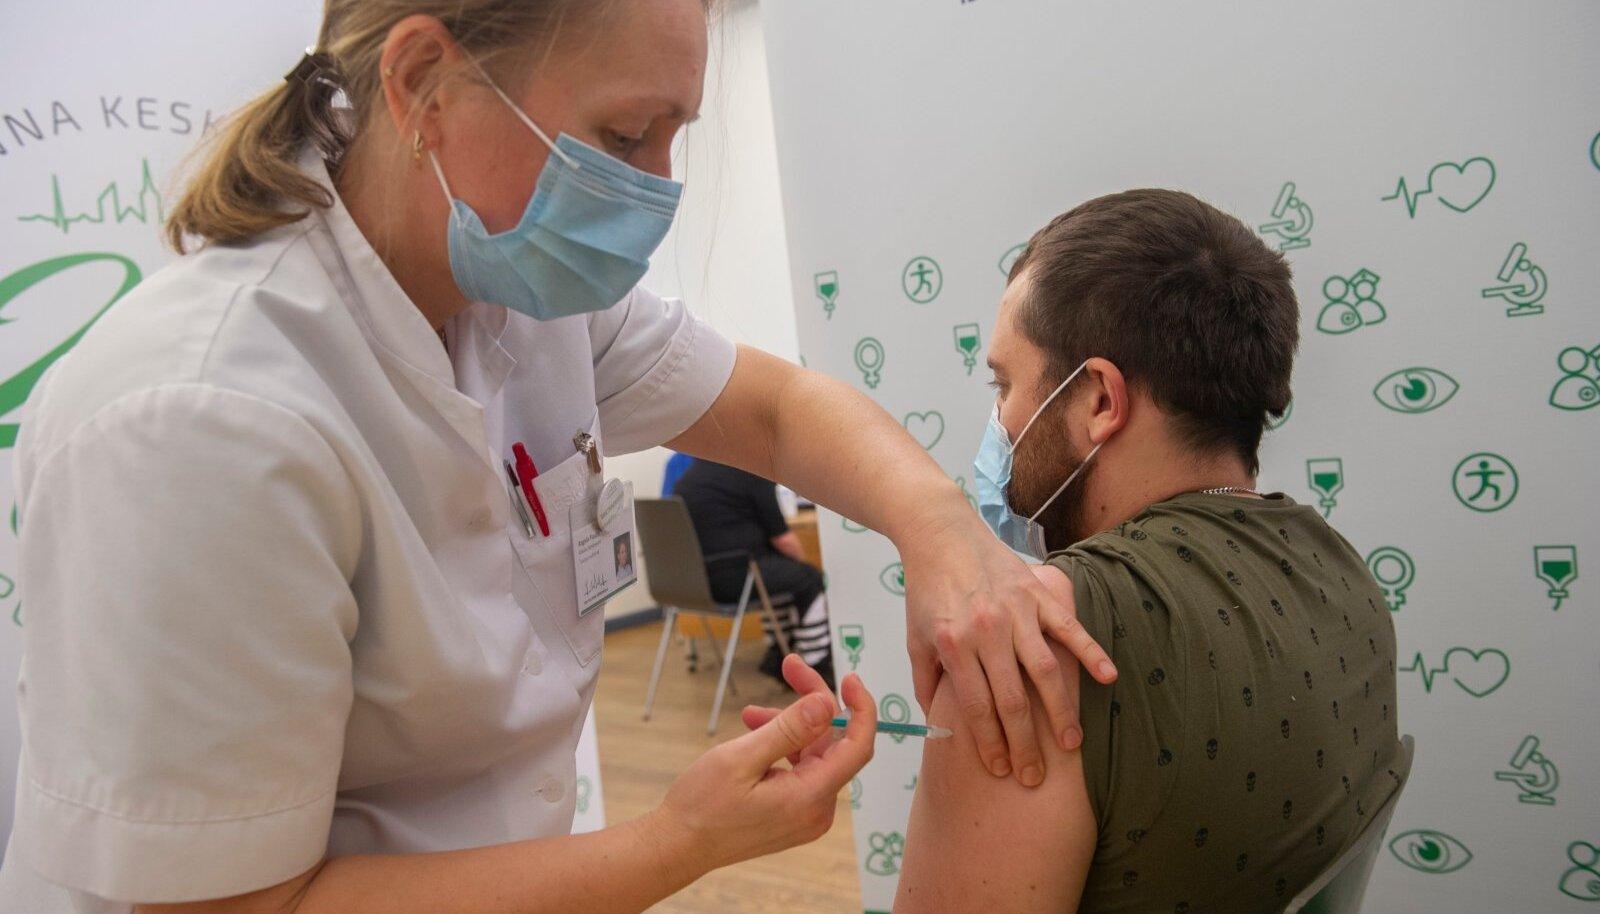 Lähinädalatel peaks paljudel neist, kel on õigus koroonavaktsiini saada, avanema võimalus süstimisele digitaalselt registreeruda.